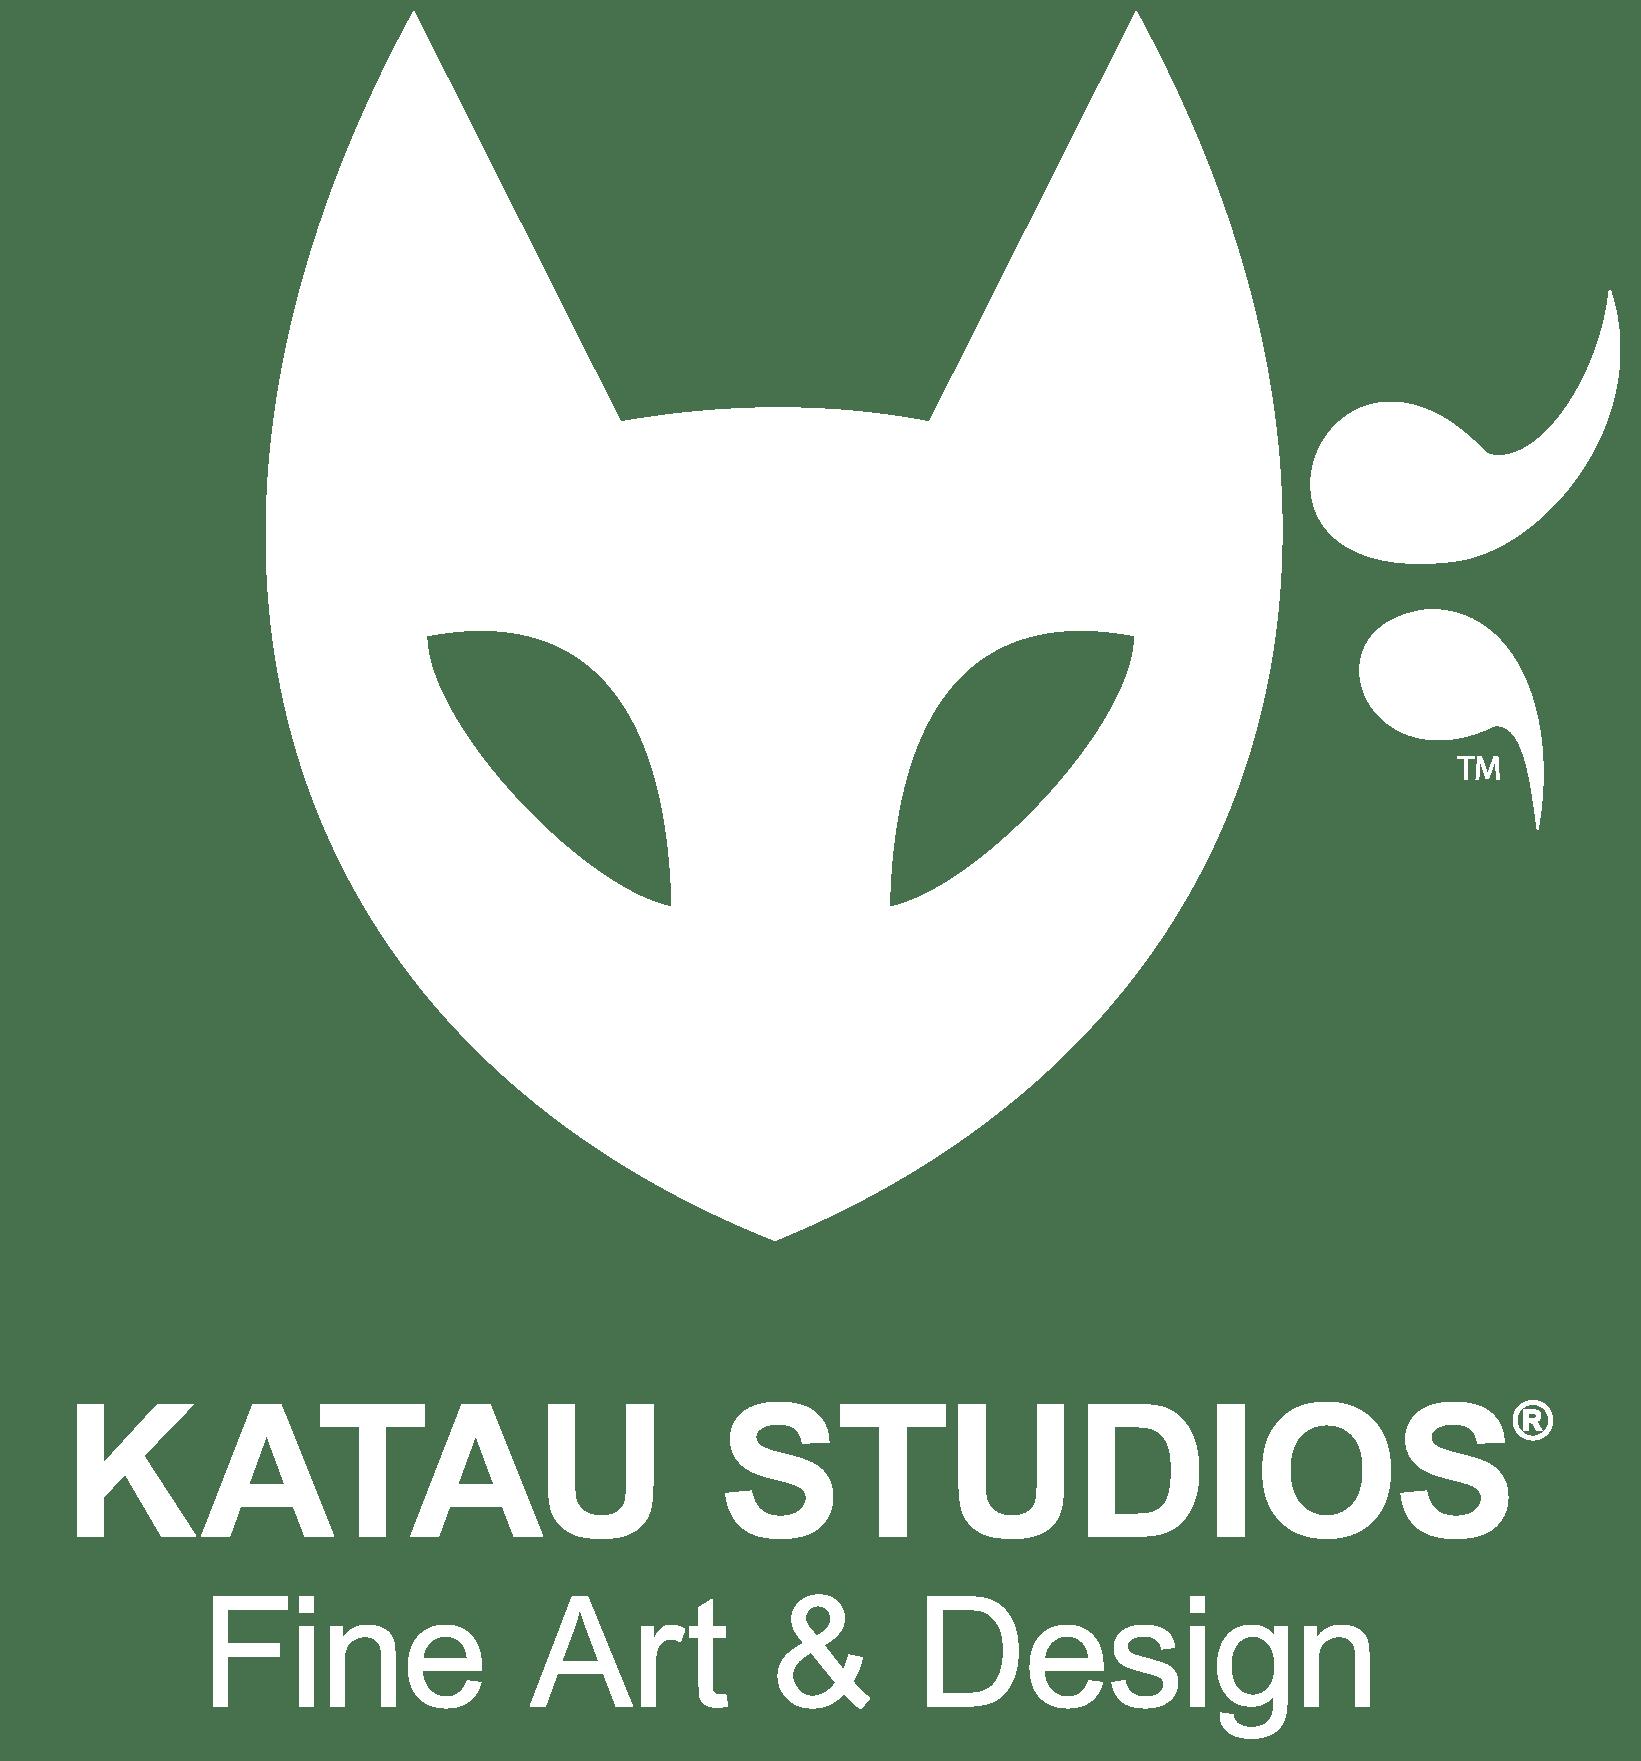 Katau Studios® Logo PNG